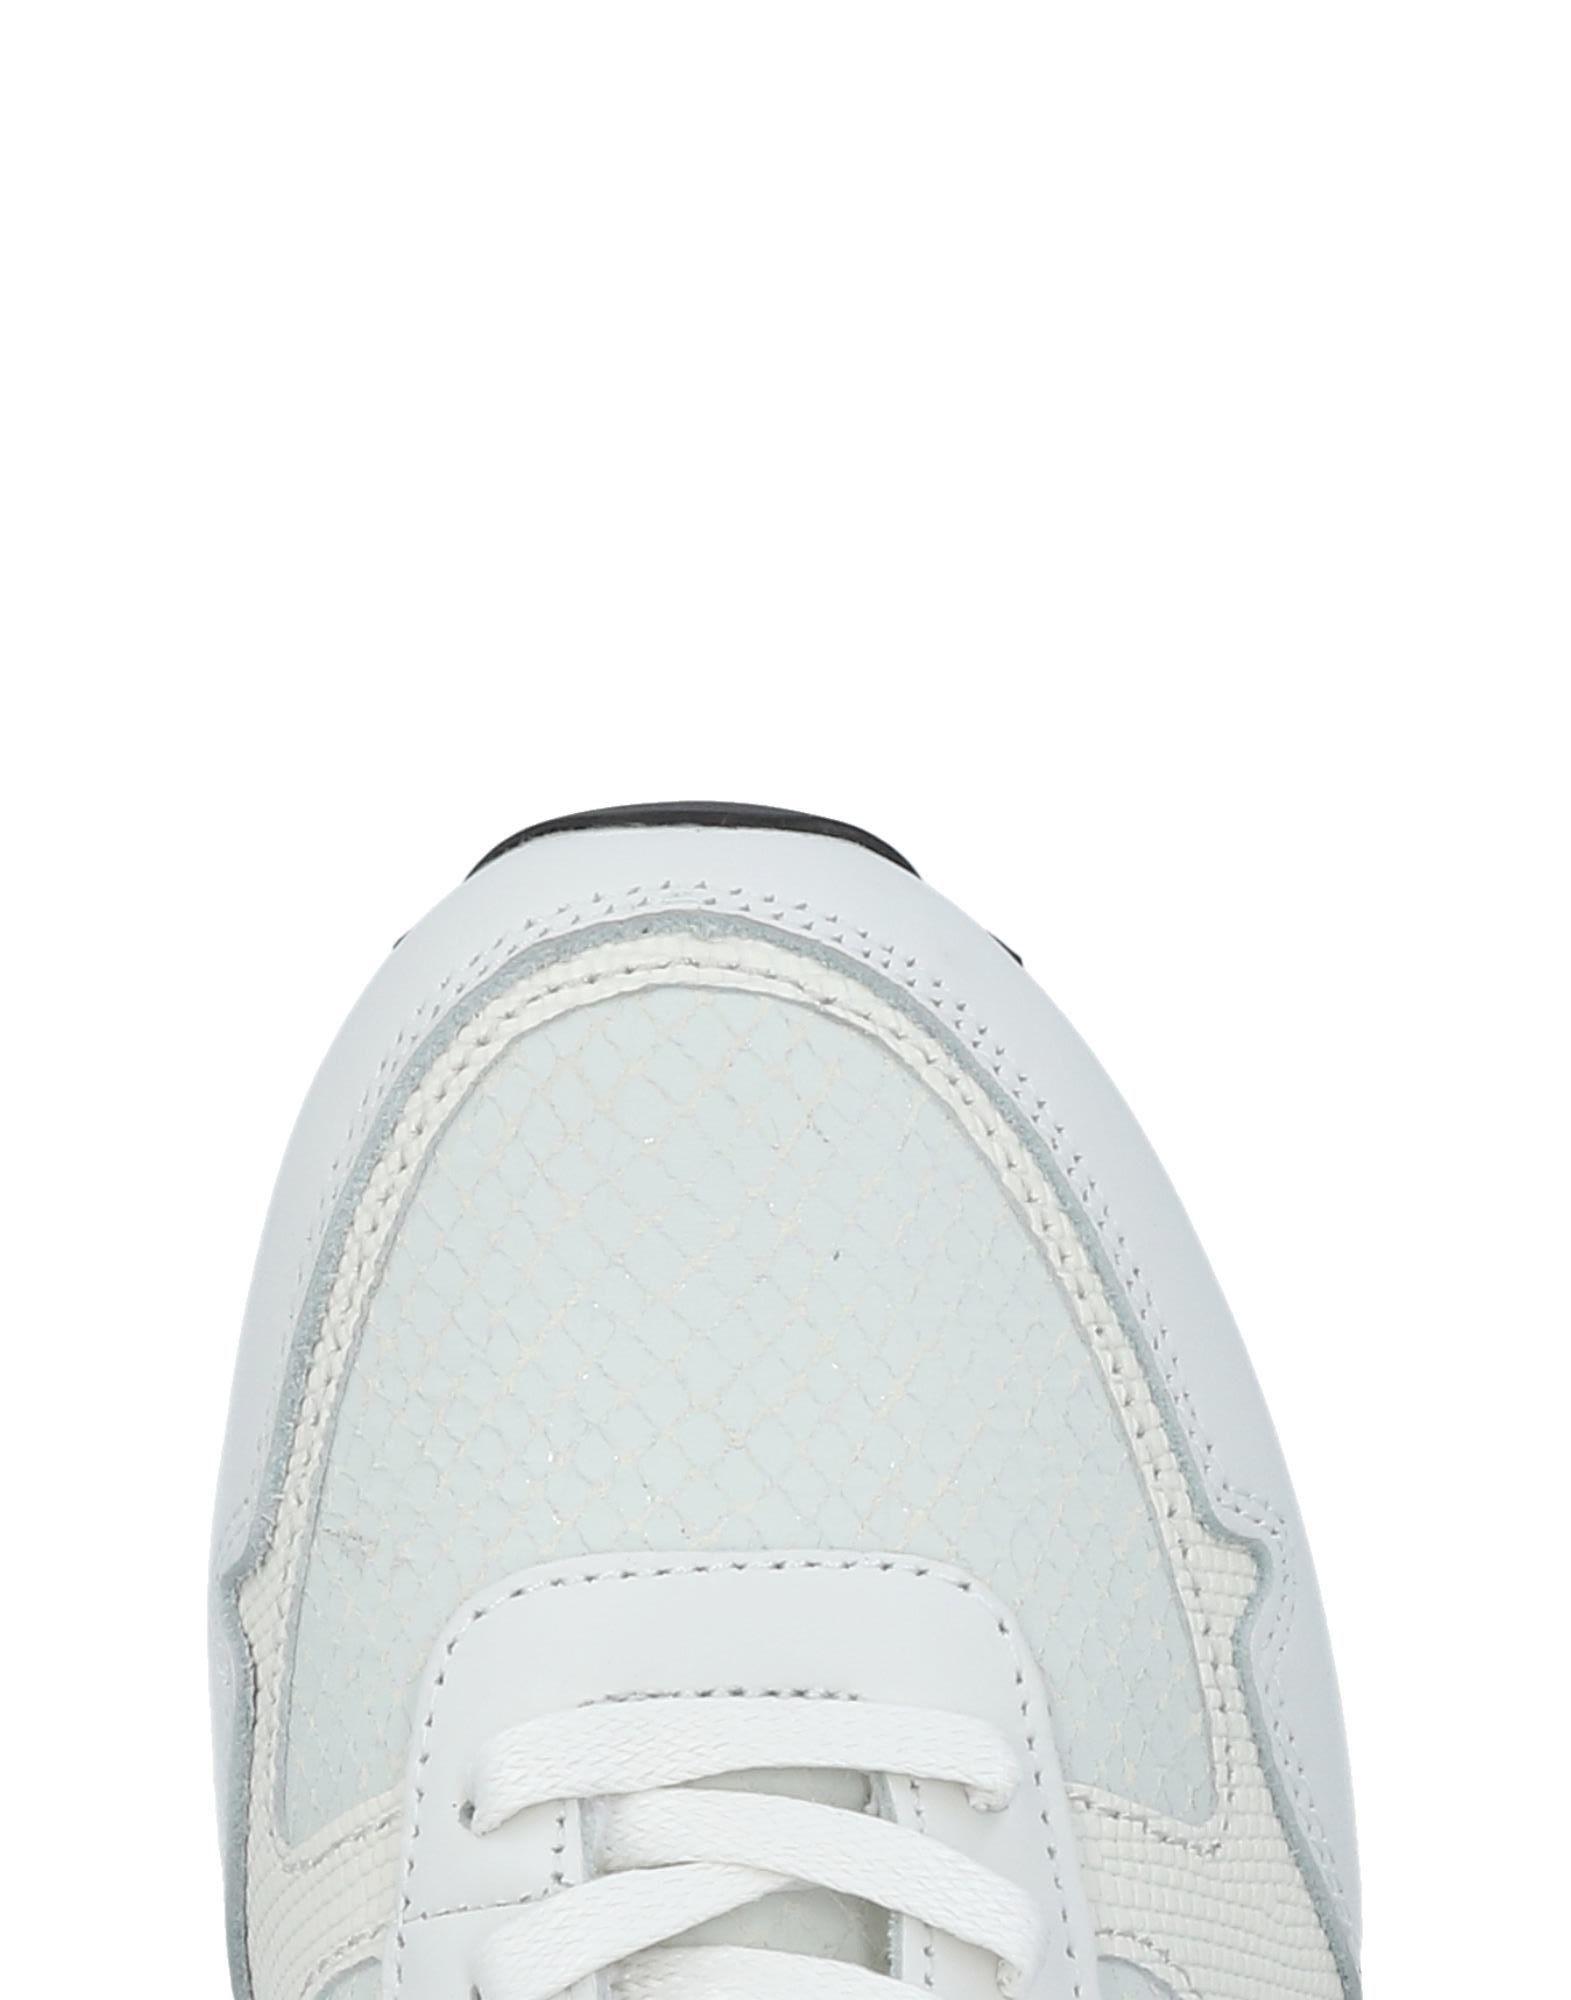 Replay Sneakers Damen  11493362IK Gute Qualität beliebte Schuhe Schuhe Schuhe b6854c